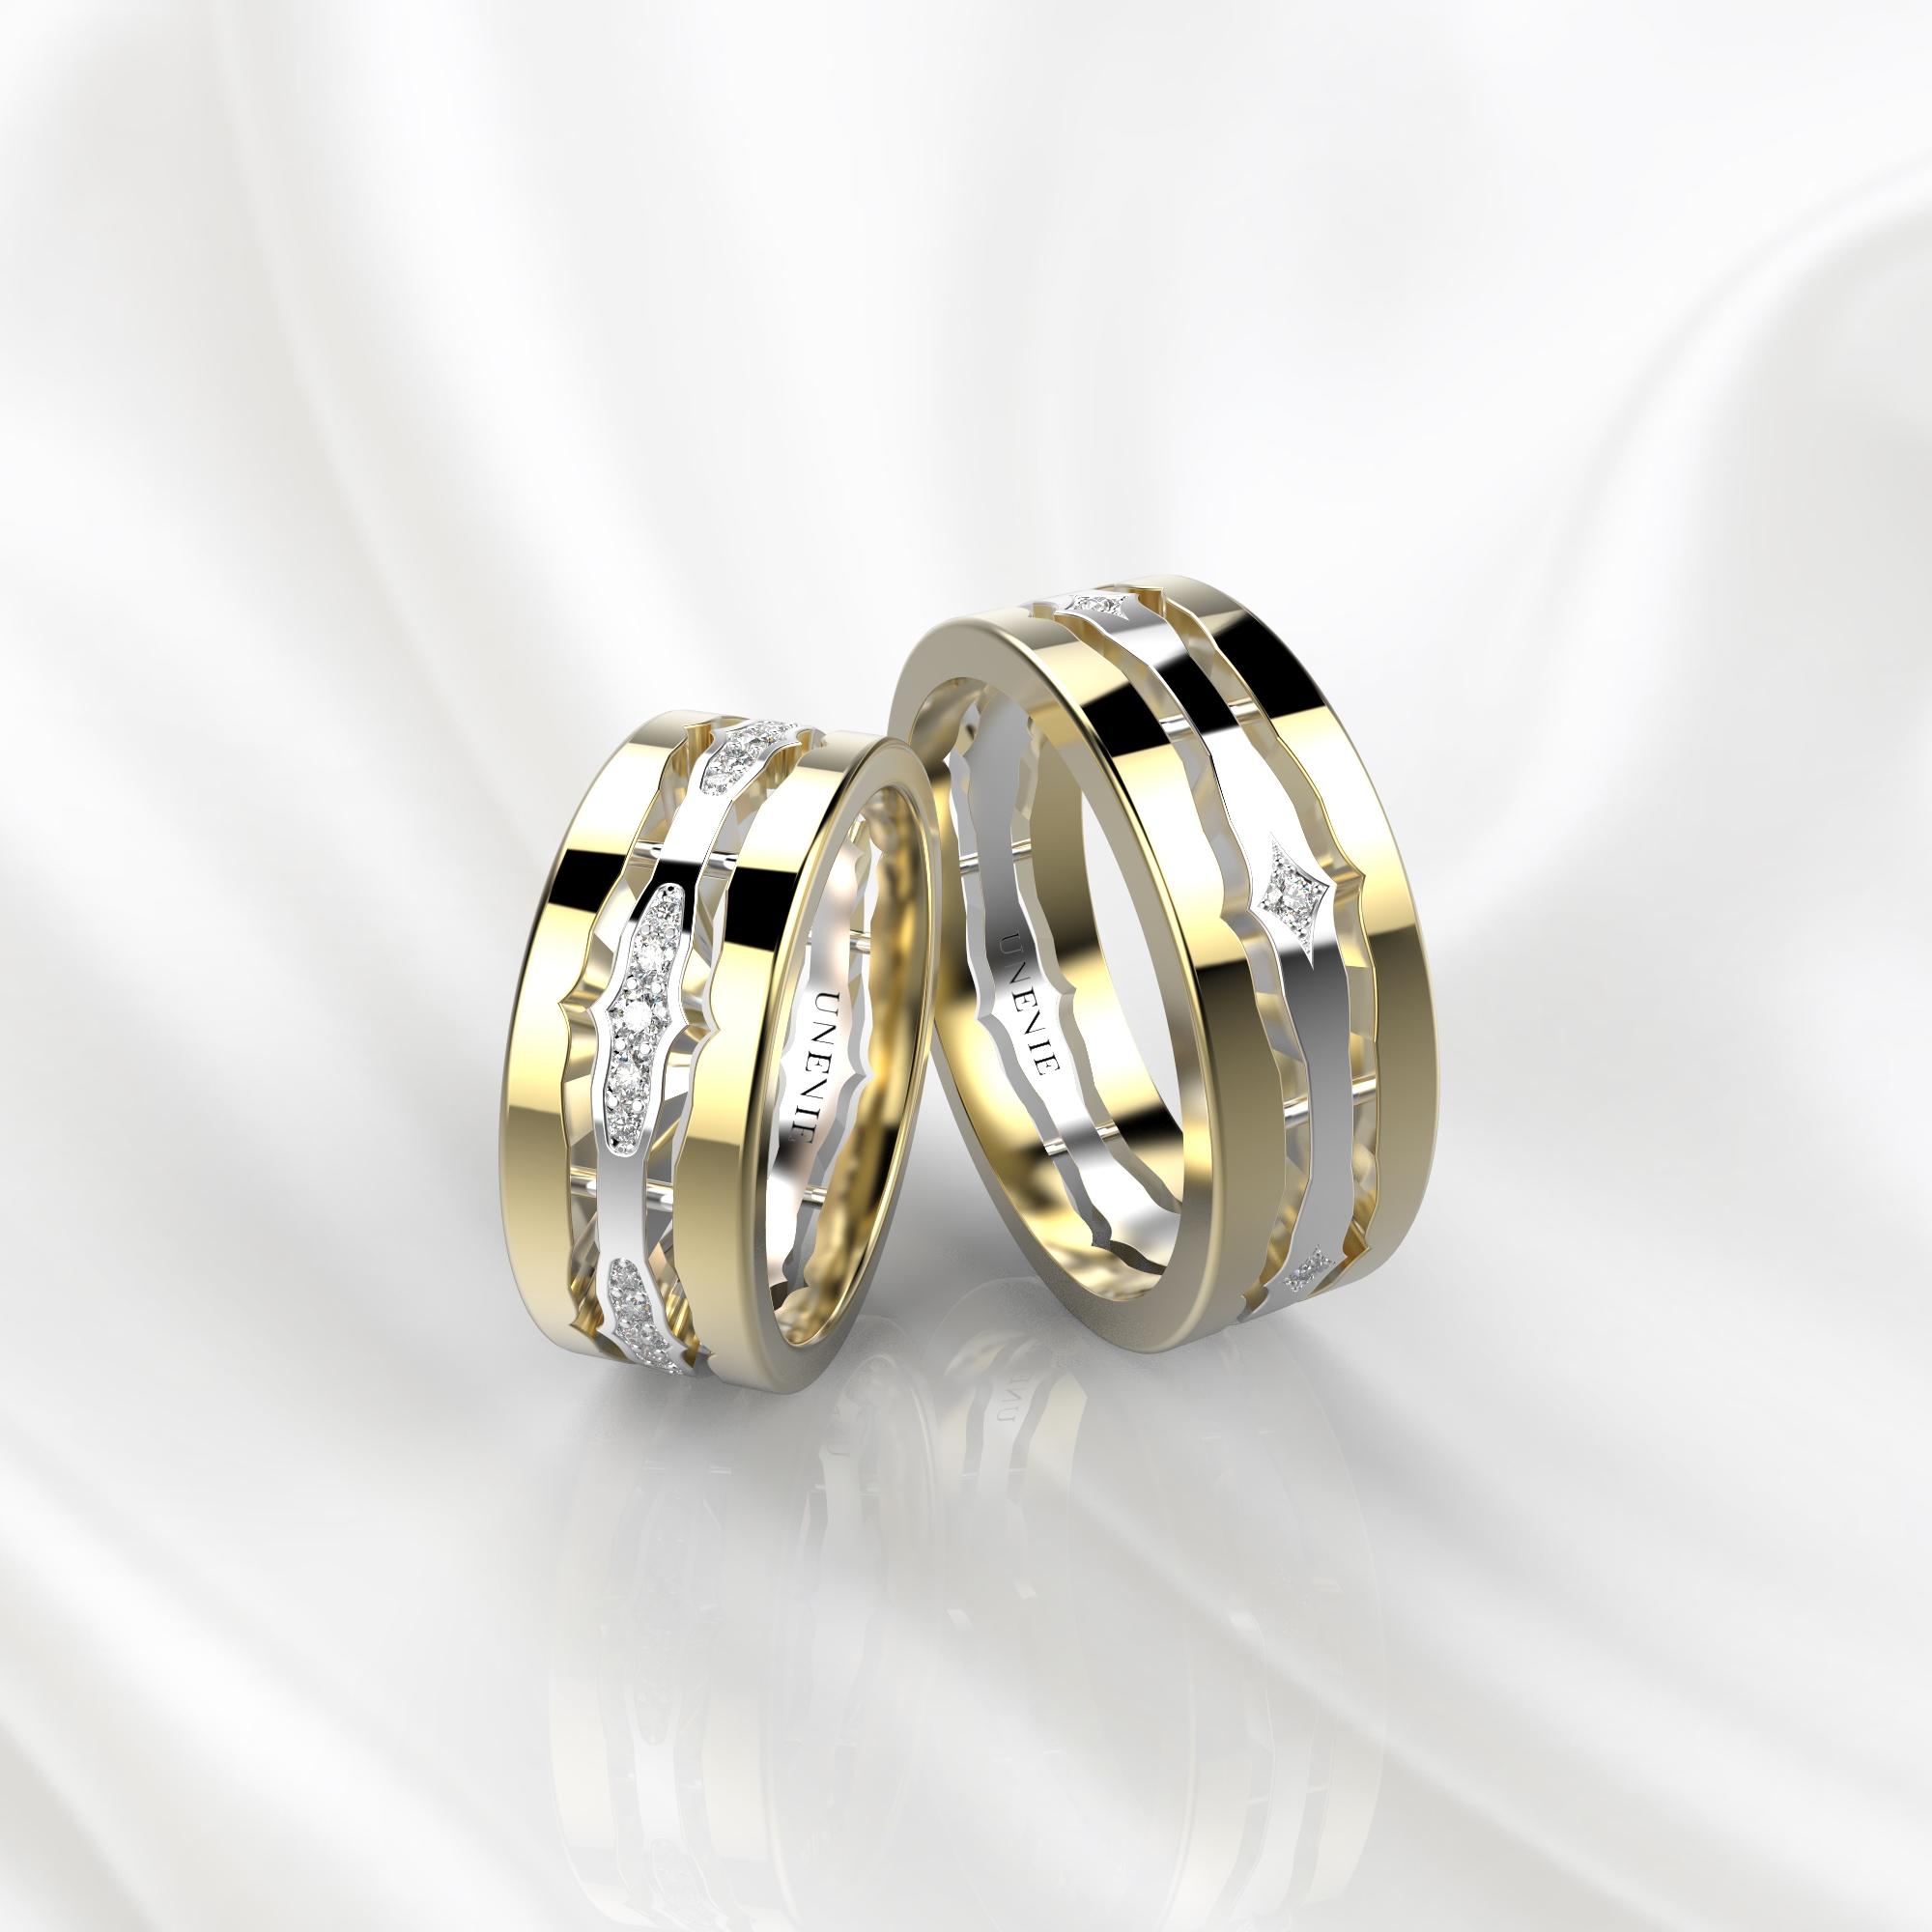 NV48 Парные обручальные кольца из желто-белого золота с бриллиантами